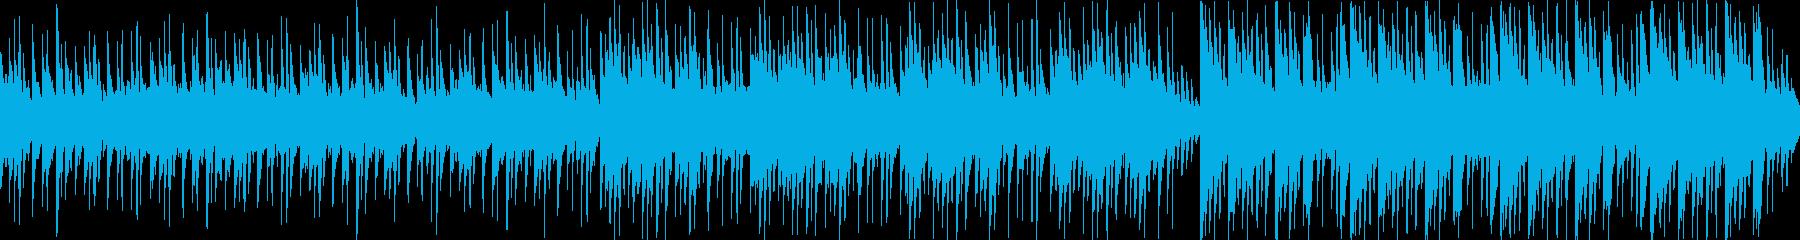 株価、ニュースなどに最適なLoop曲の再生済みの波形